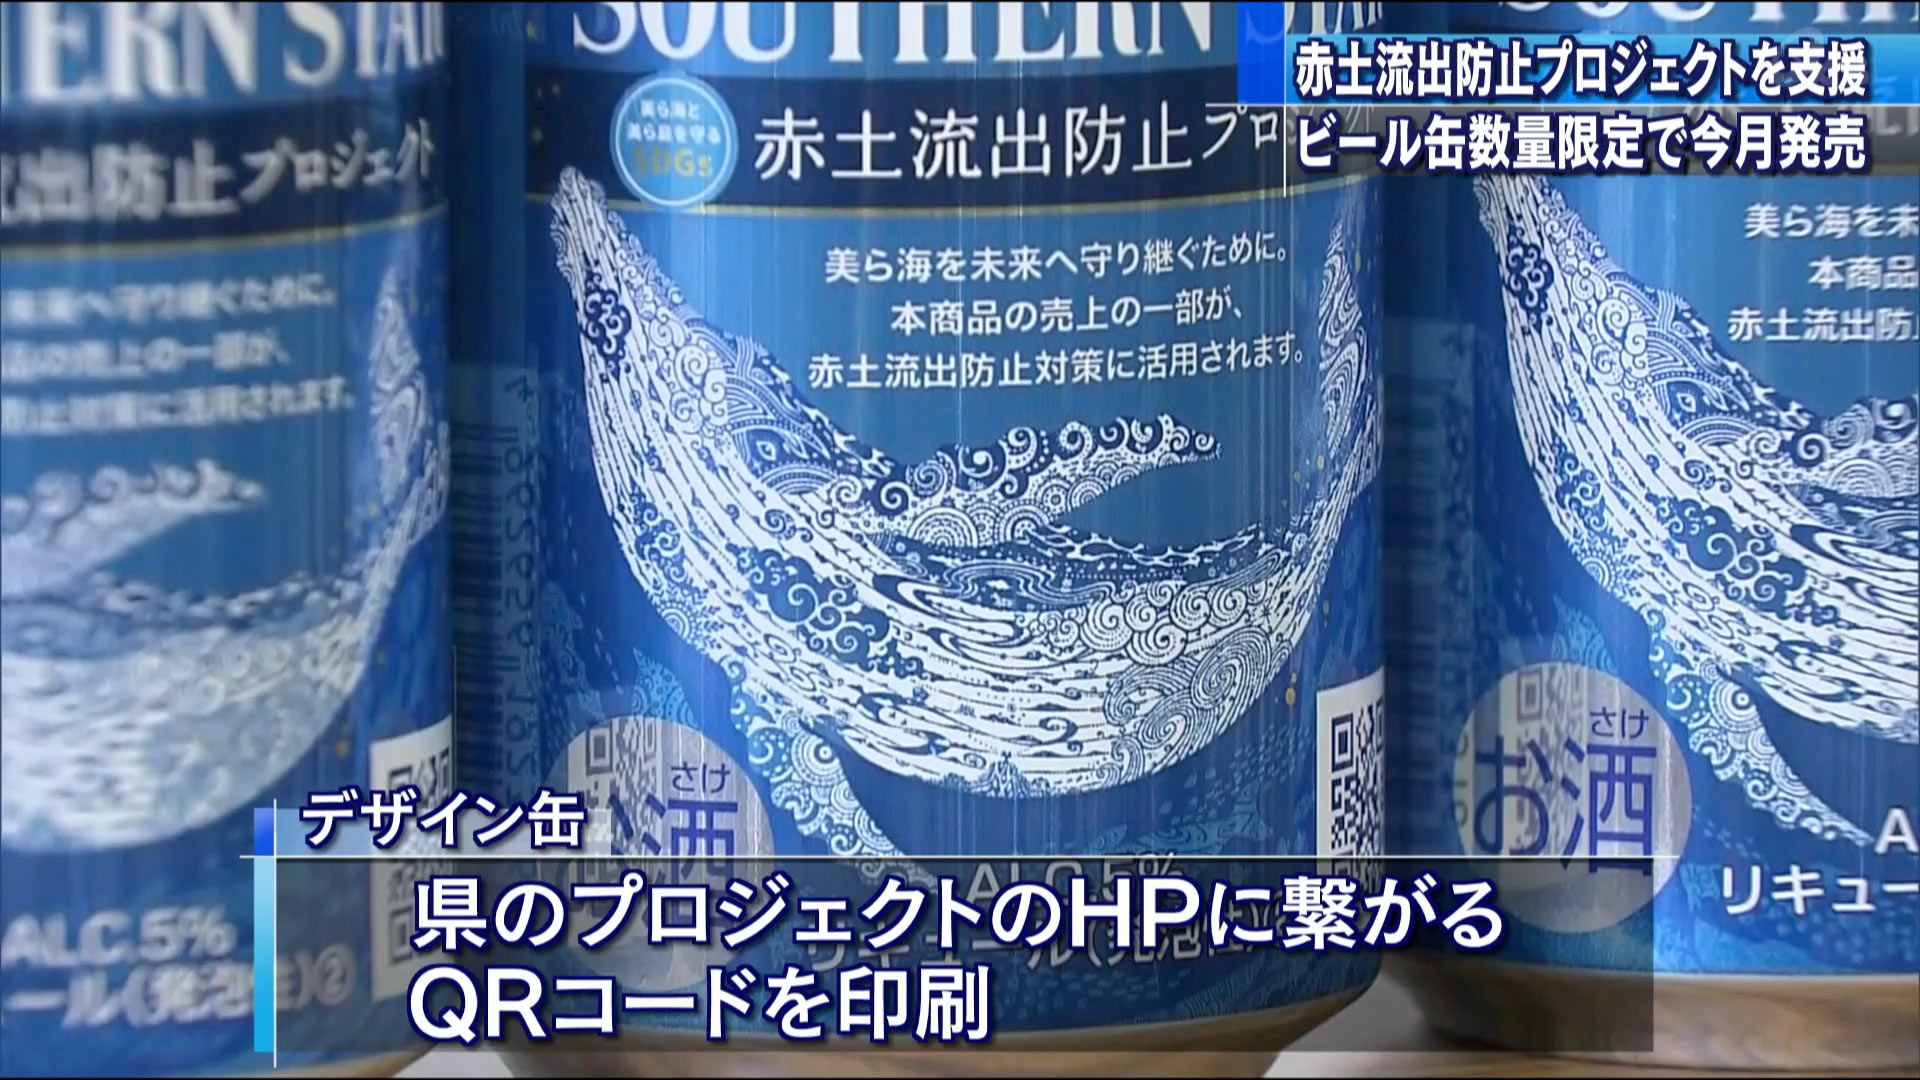 オリオンビール赤土流出防止デザイン缶発売